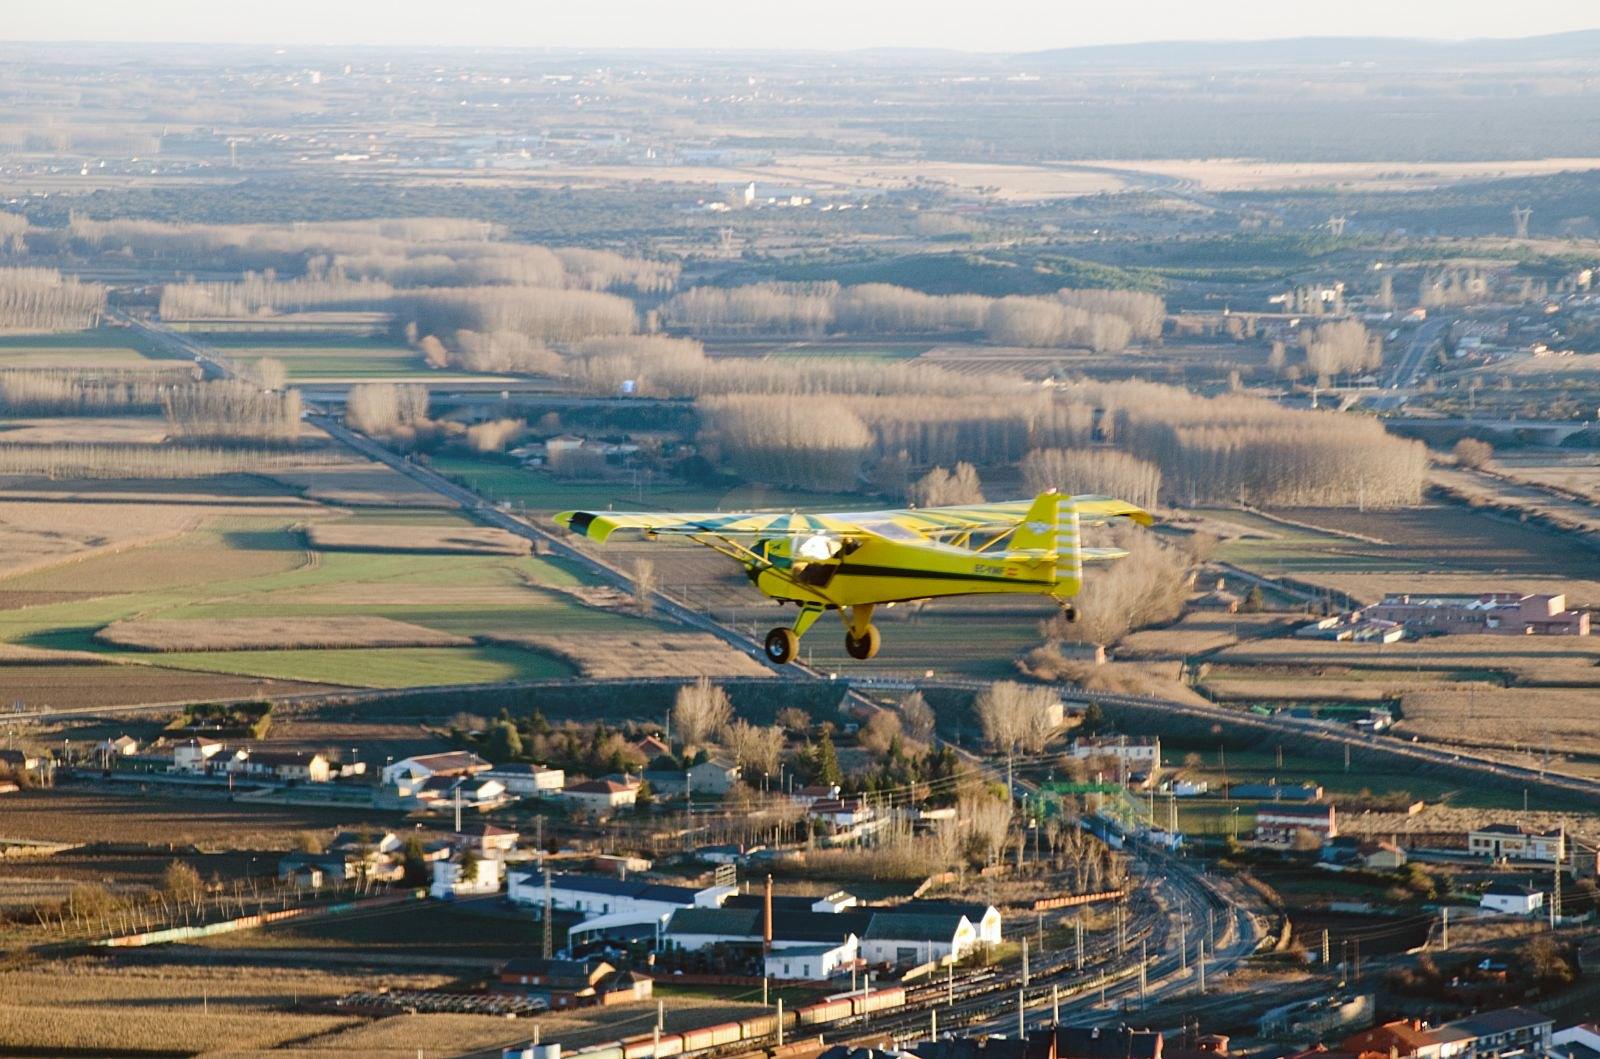 Vuelo Roberto Jabiru UL-450 Aerodromo Kitfox vuelo Astorga (109)